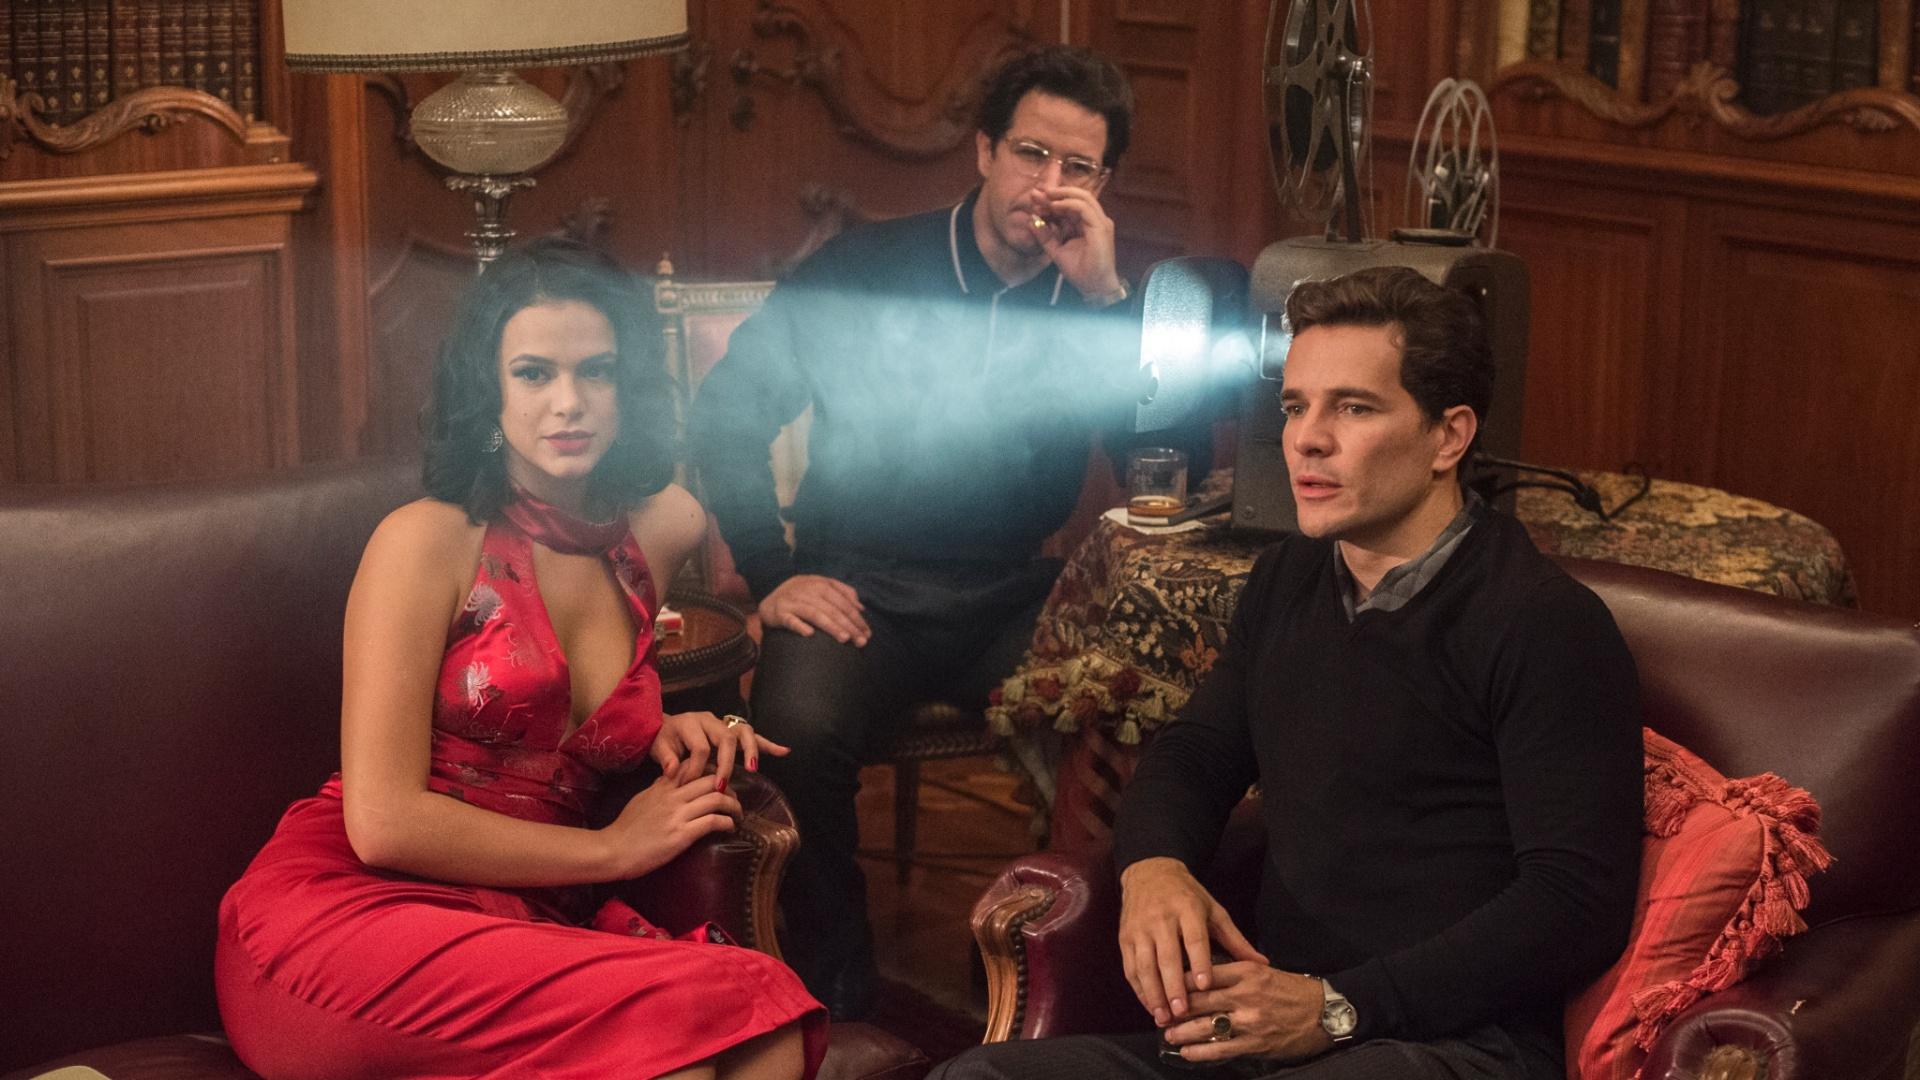 Saulo (Murilo Benício), Otaviano (Daniel de Oliveira) e Beatriz (Bruna Marquezine) em